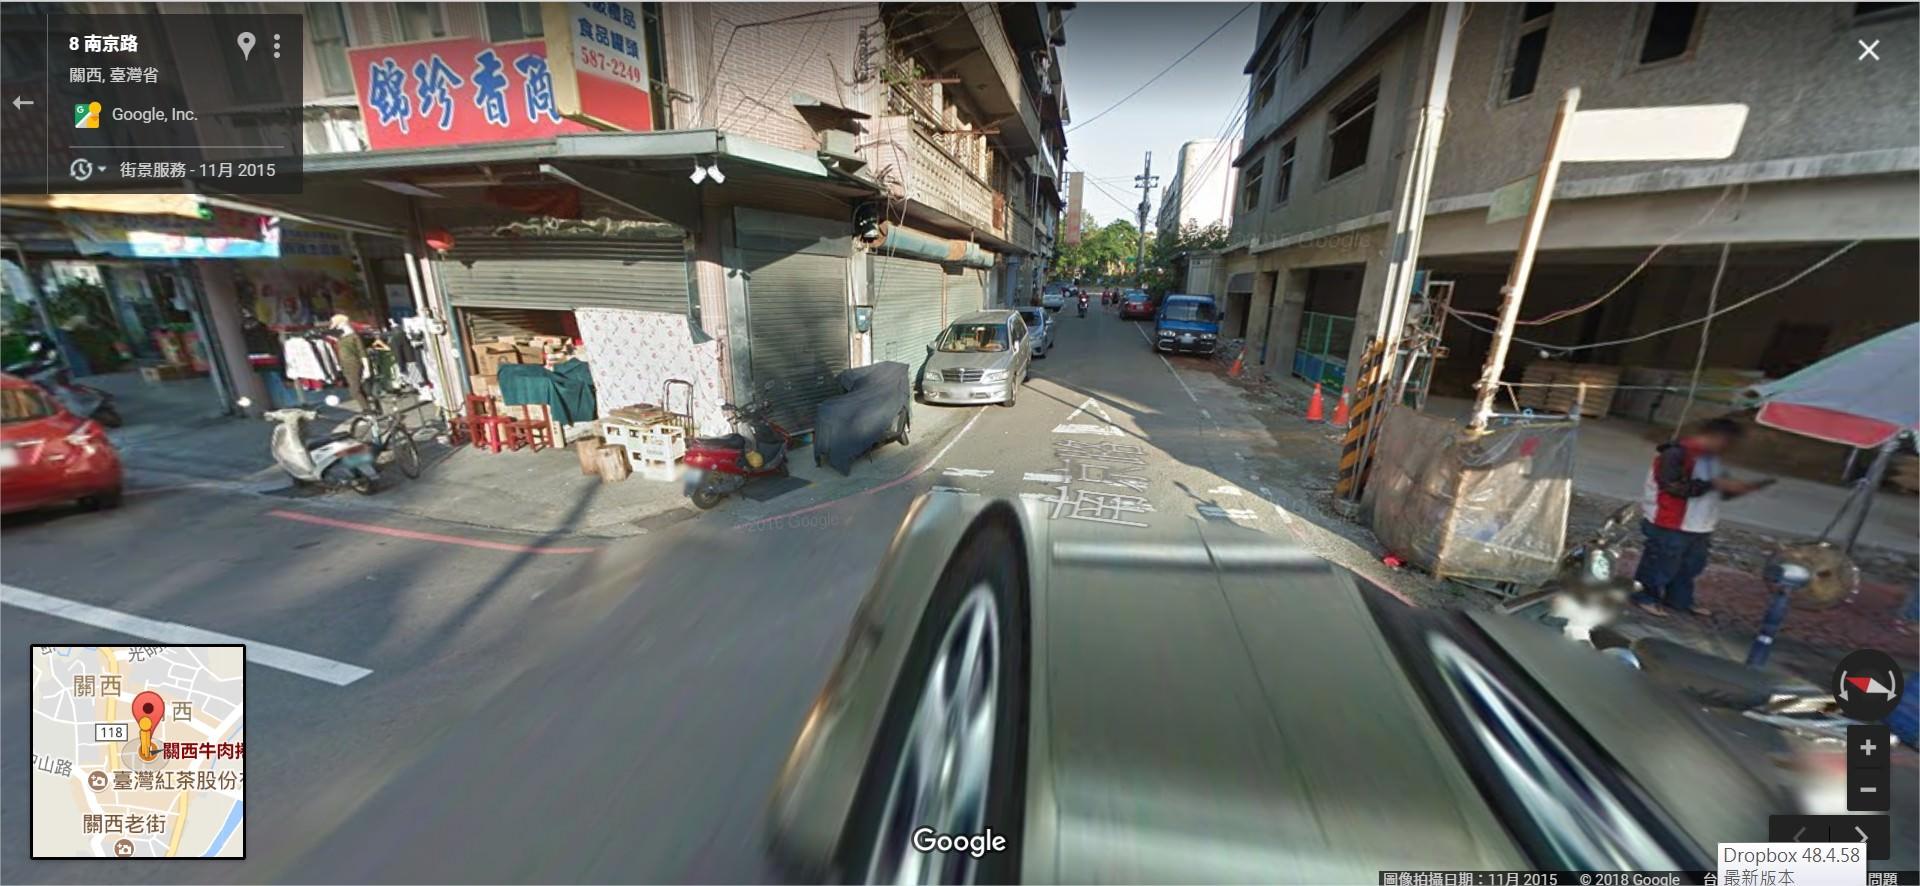 關西牛肉捲餅, 店面 & 地理位置, Google Map